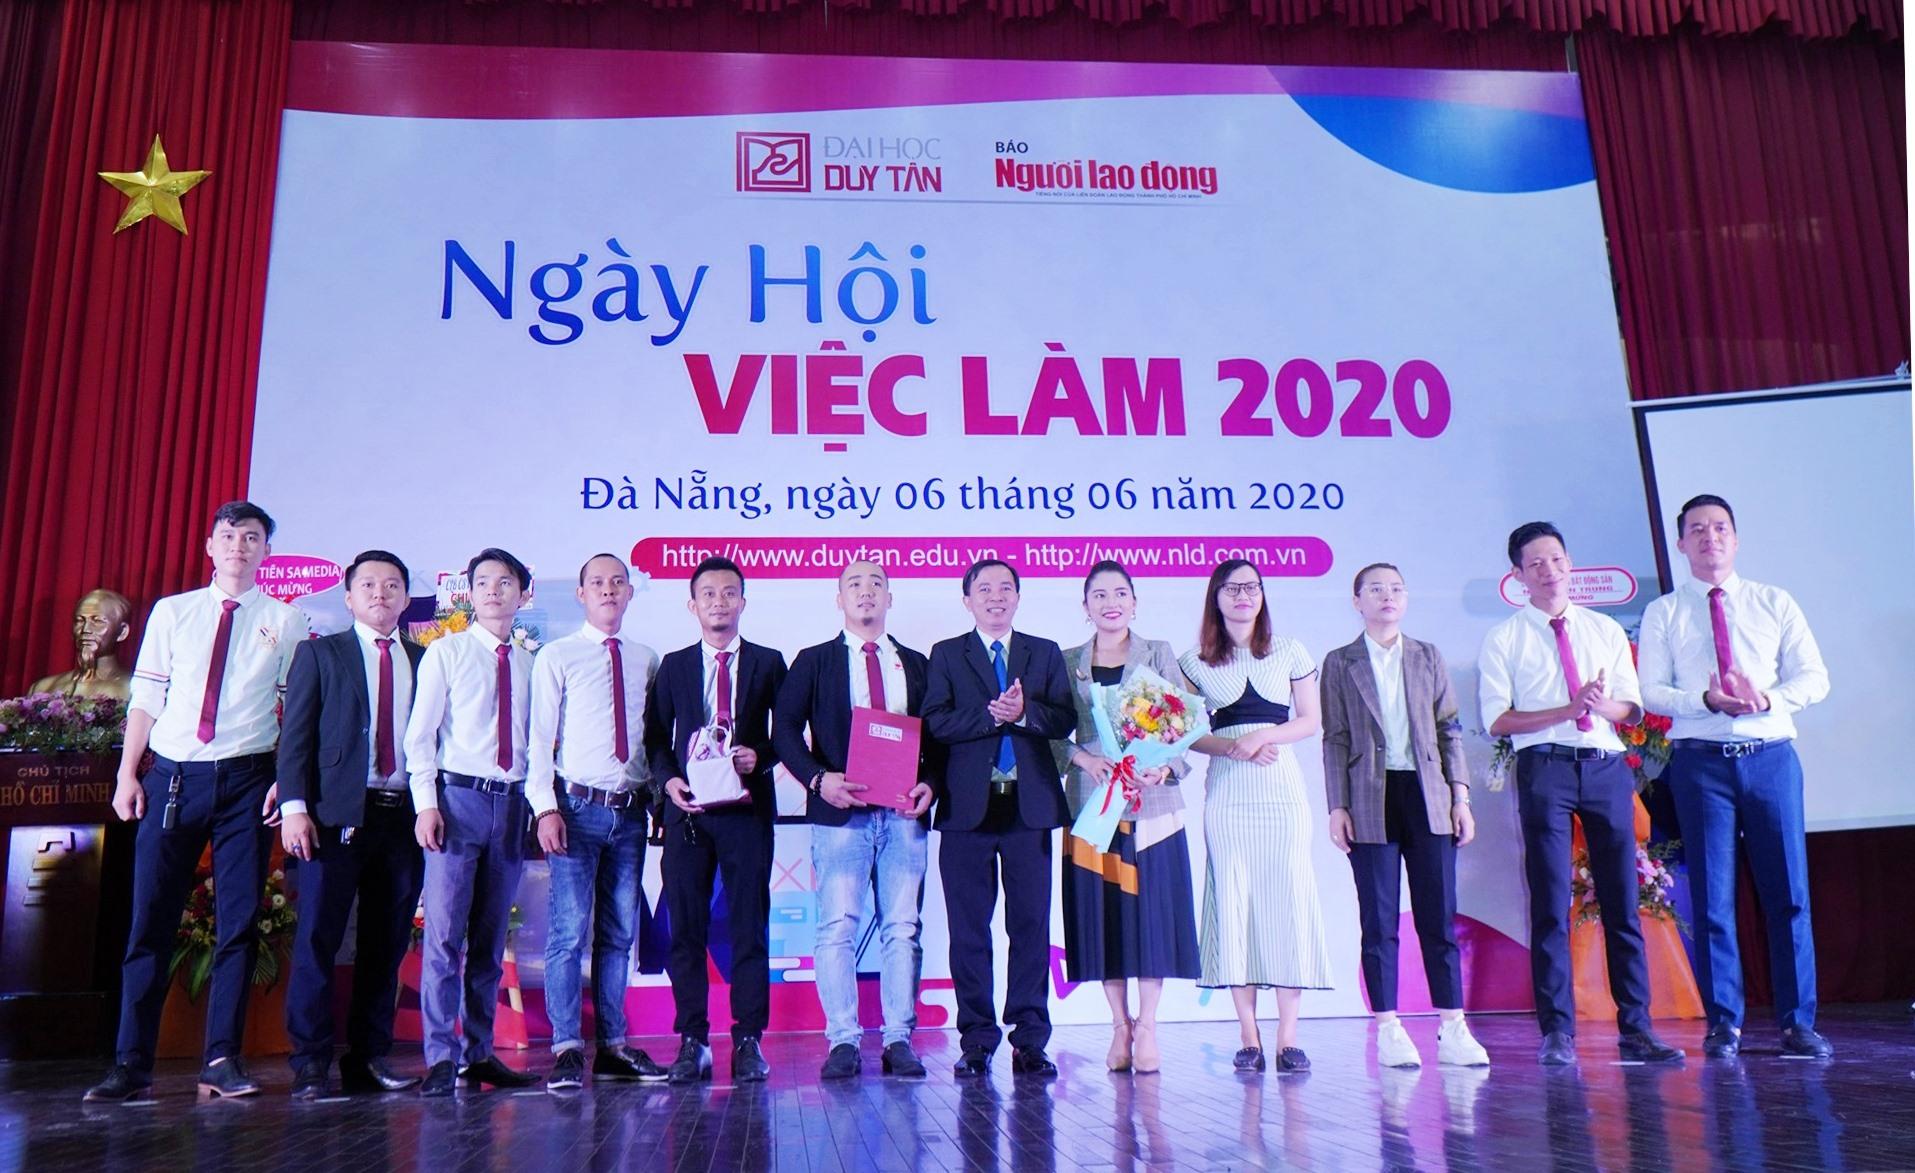 Ra mắt Câu lạc bộ Doanh nhân cựu sinh viên DTU tại NHVL 2020. Ảnh NĐ